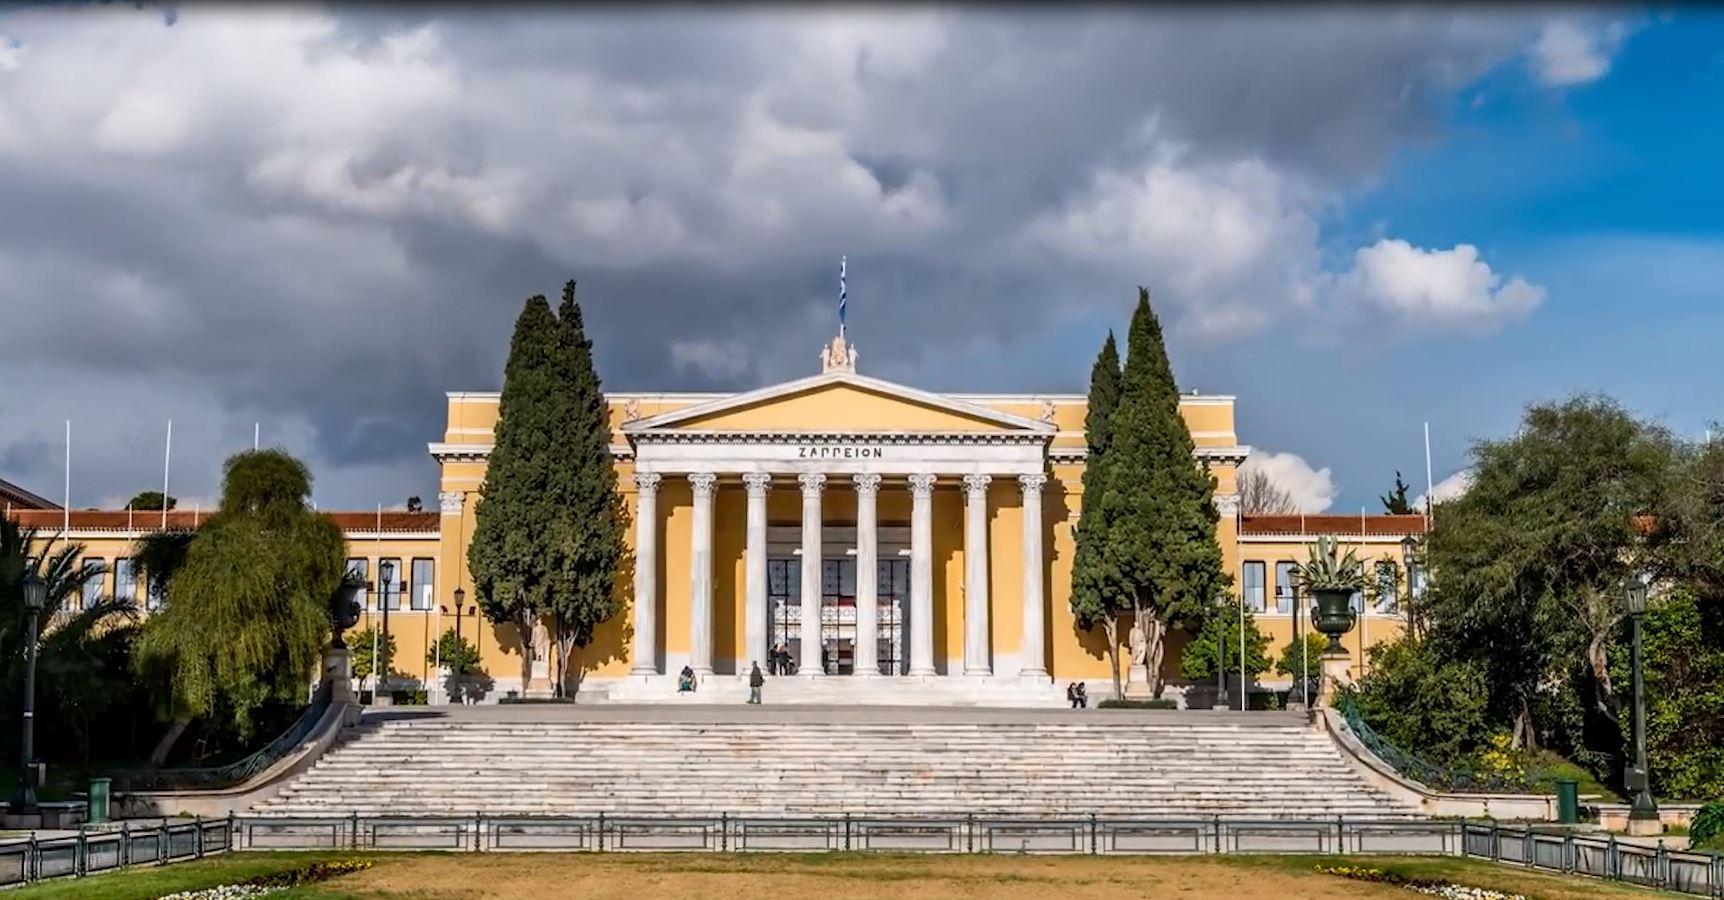 Negociatat për emrin, mediat greke: Athina bën pazare me Gjermaninë